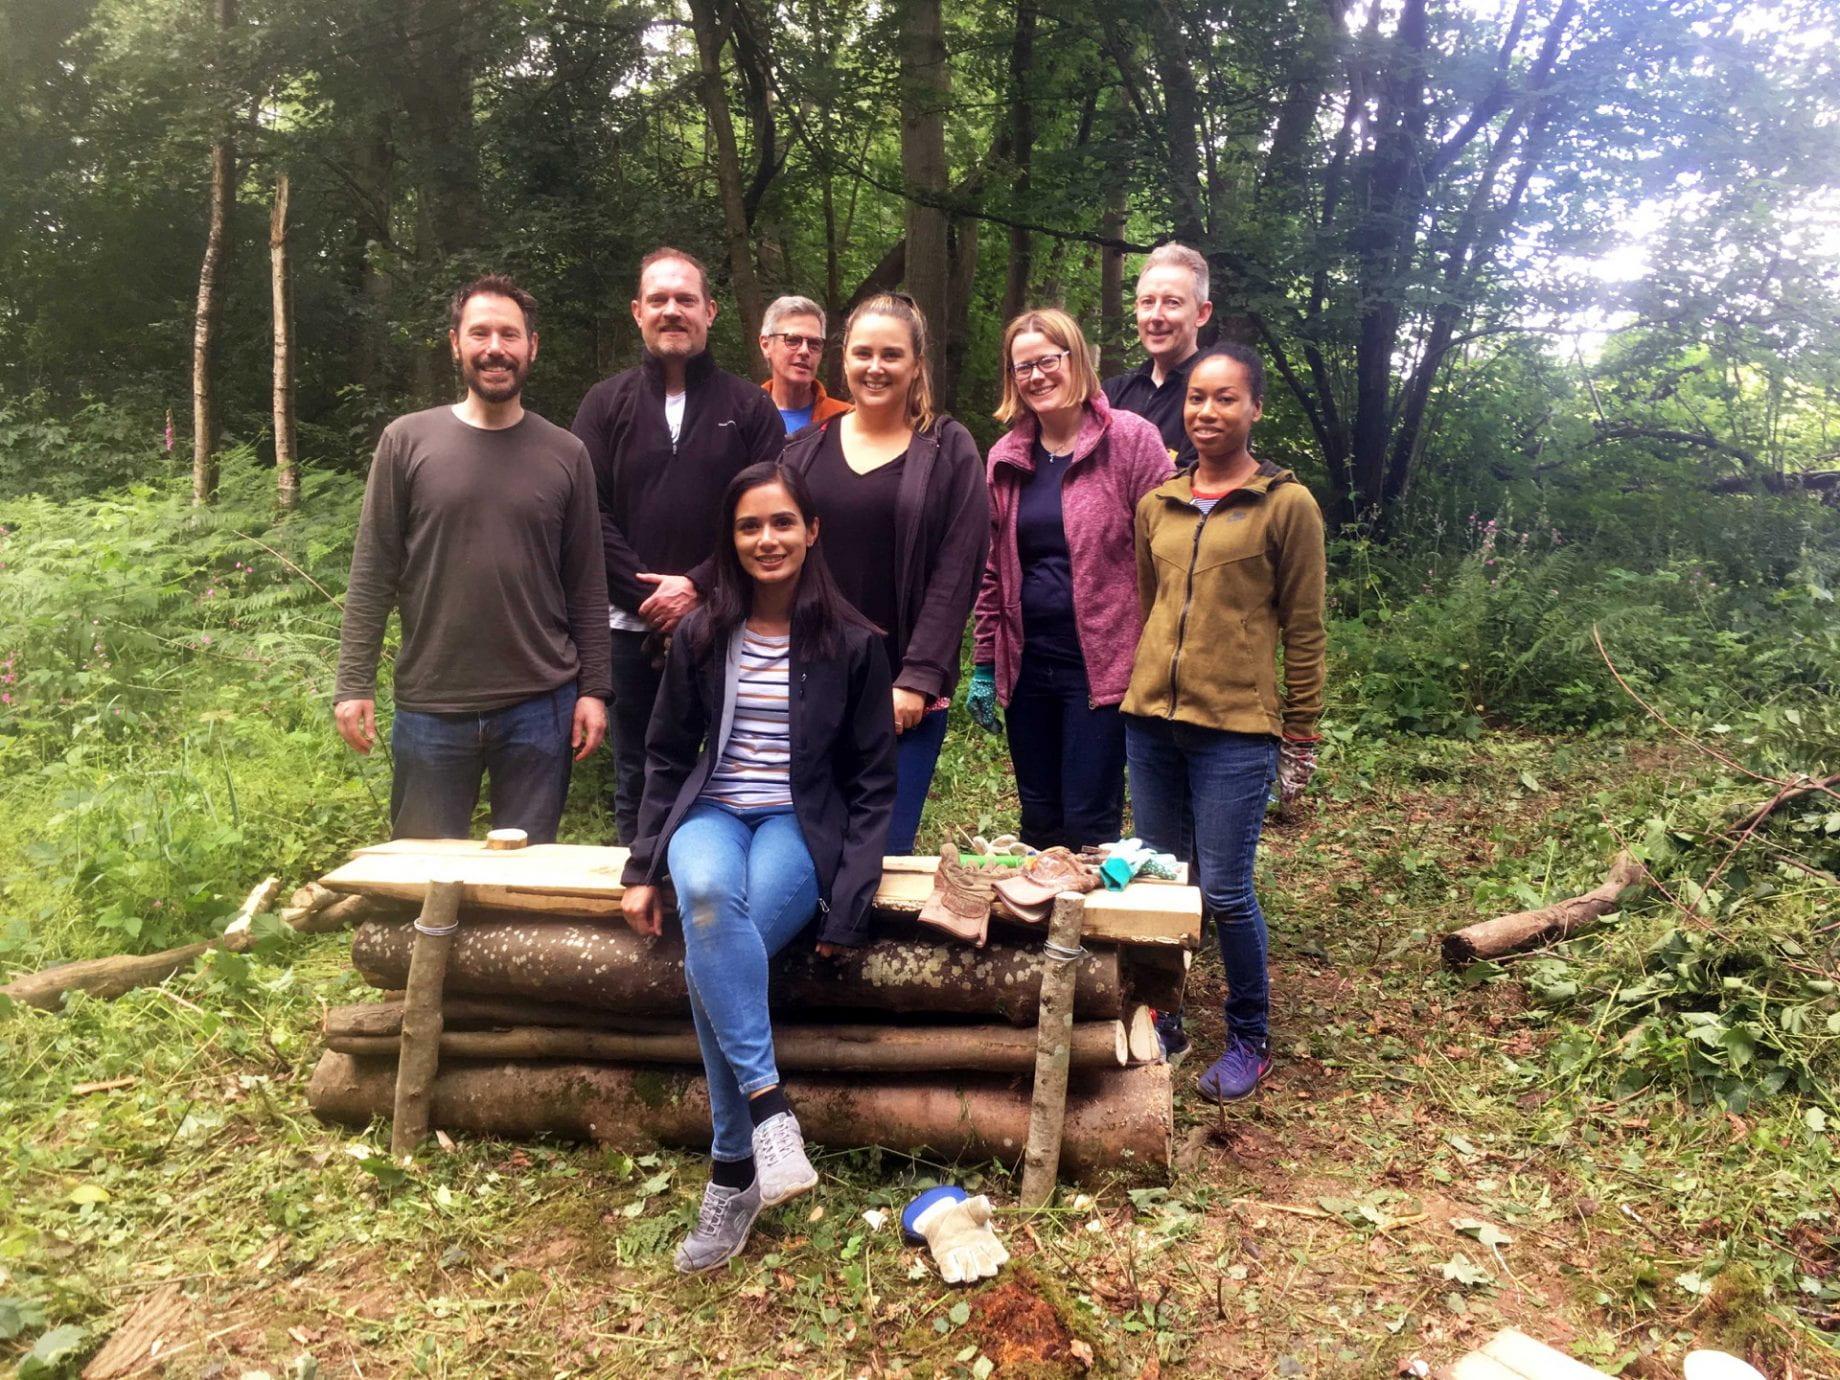 volunteers from UK Power Networks based in 3 Bridges